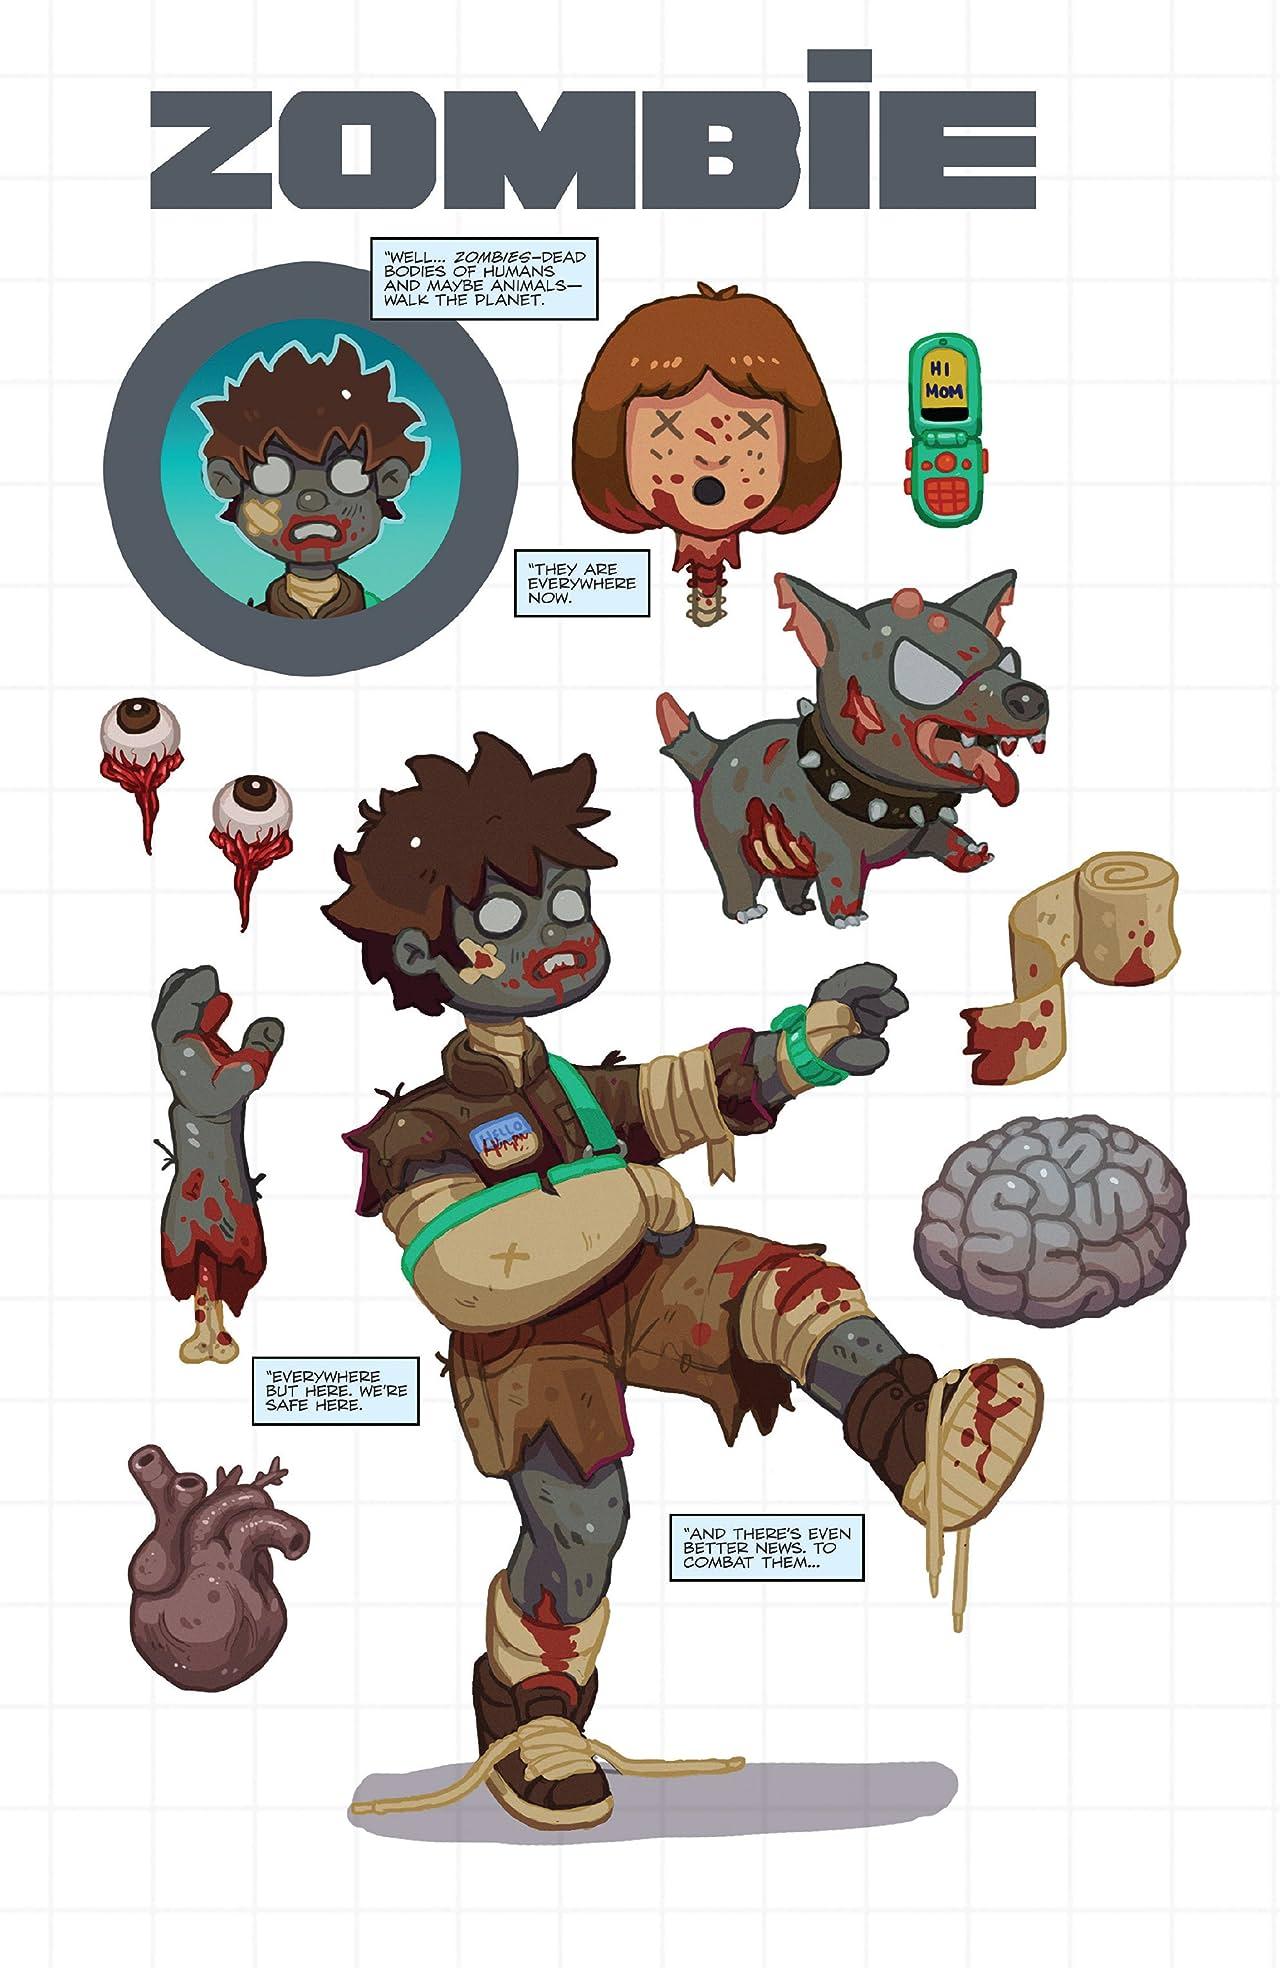 Zombies vs. Robots (2015) Vol. 2: War! 'Bots!